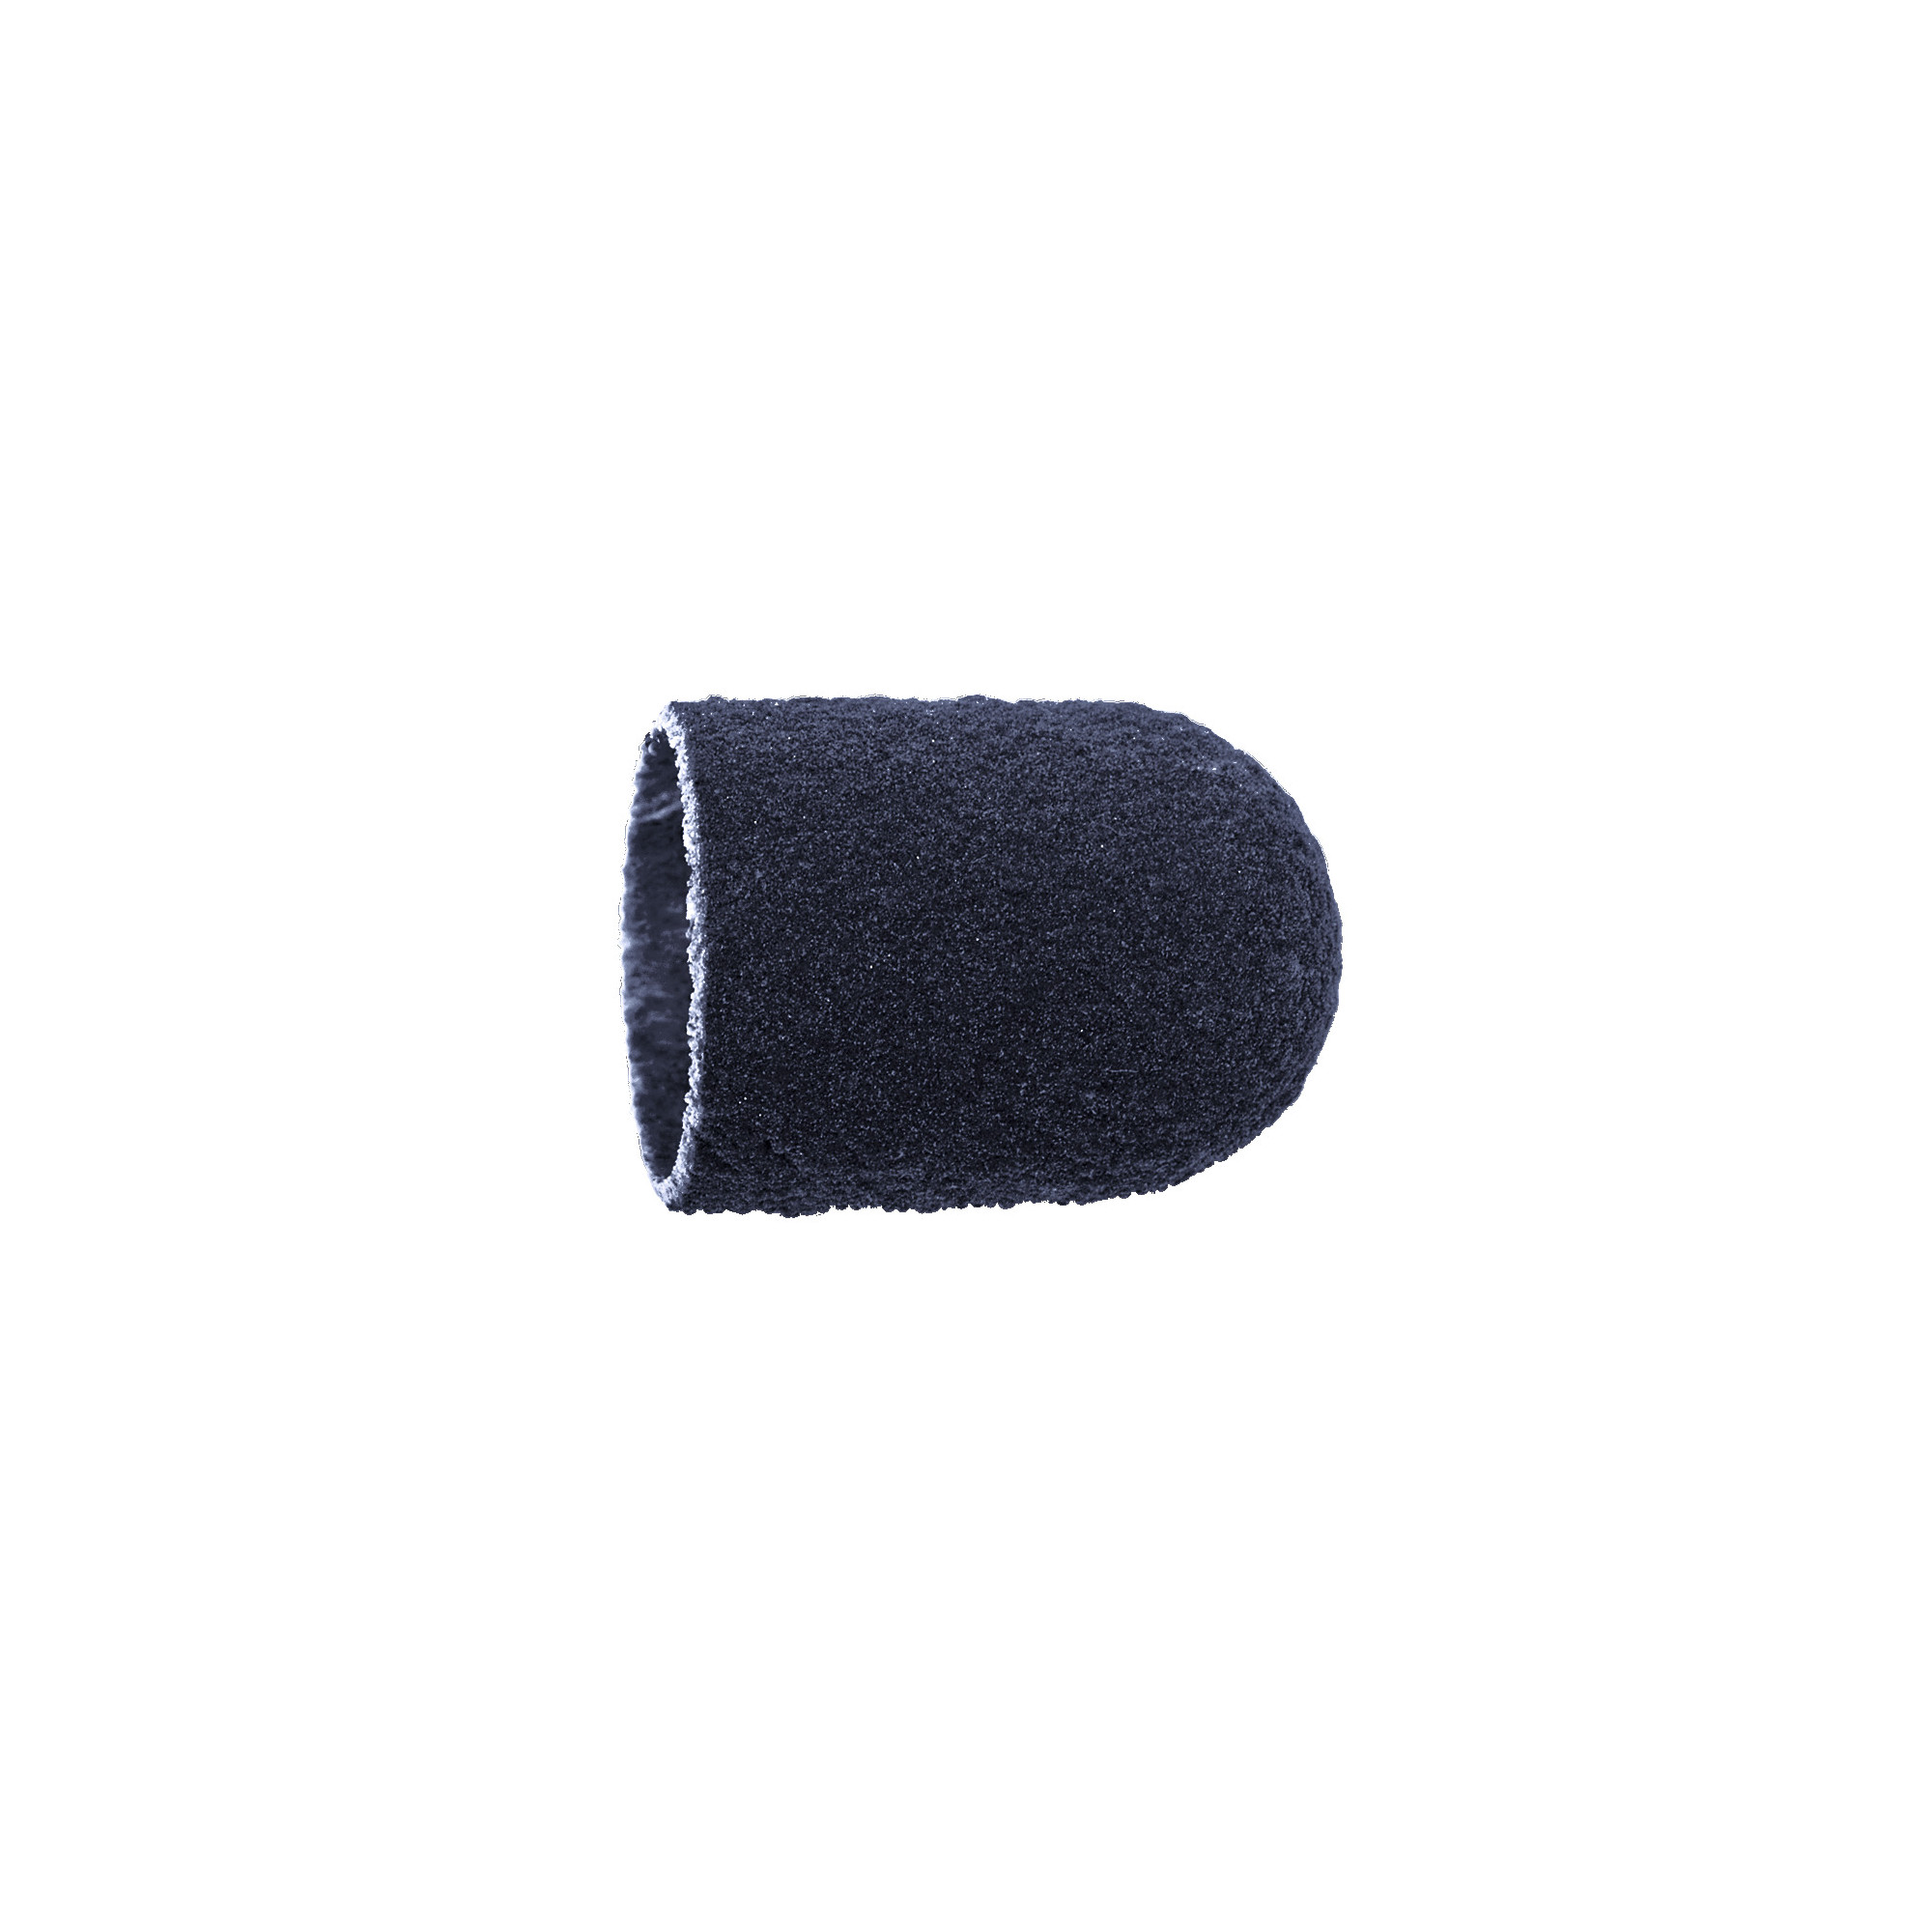 Capuchons abrasifs x10 0501 - Diamant - Grain fin - Abrasion des cors, durillons et hyperkératoses - 13 mm